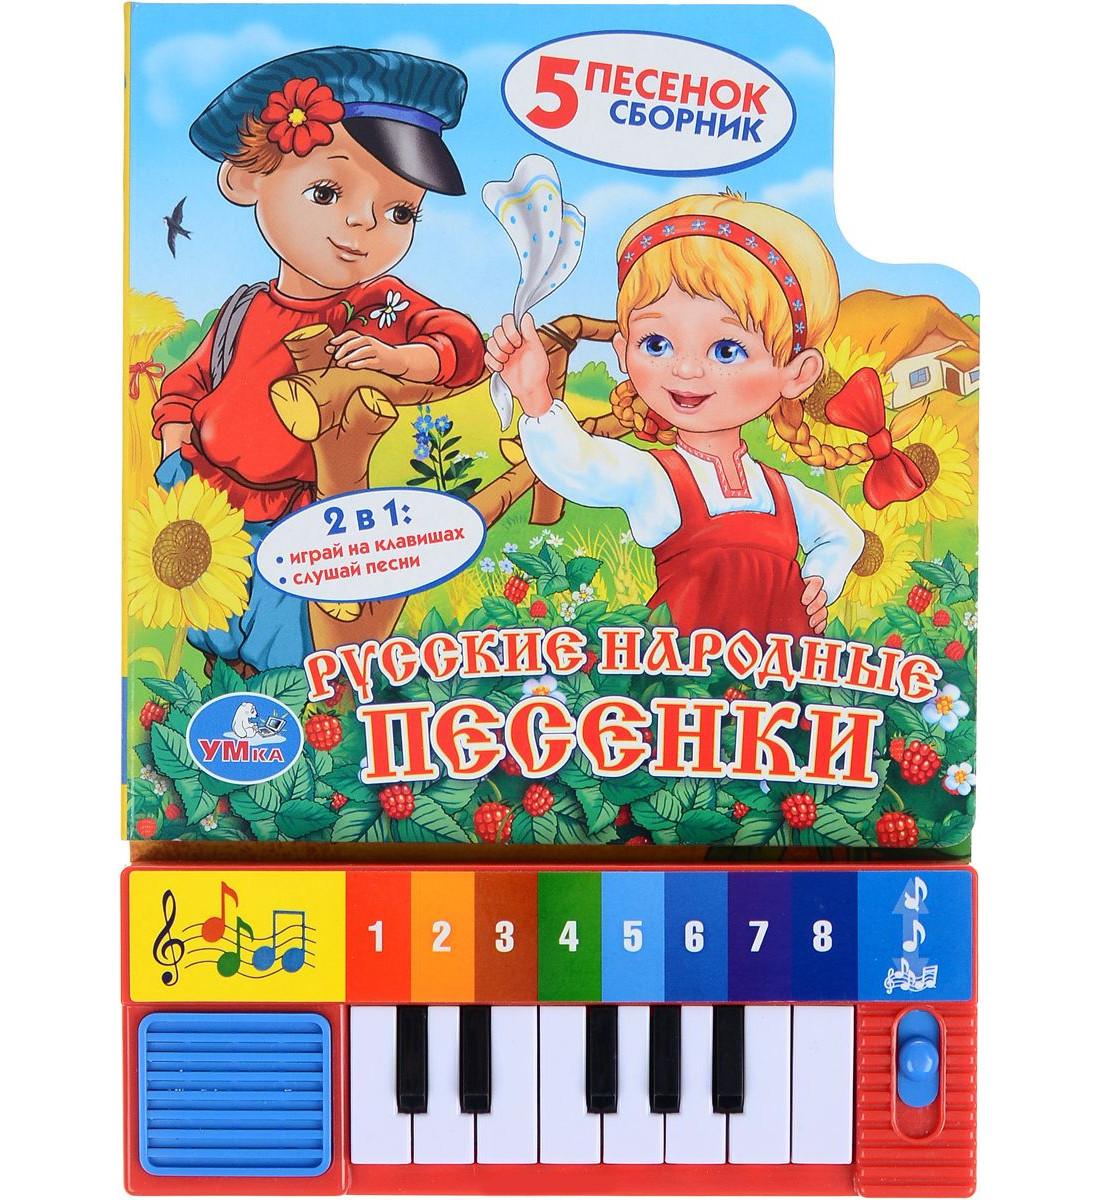 Купить Книга-пианино - Русские народные песенки, с 8 клавишами и песенками, Умка